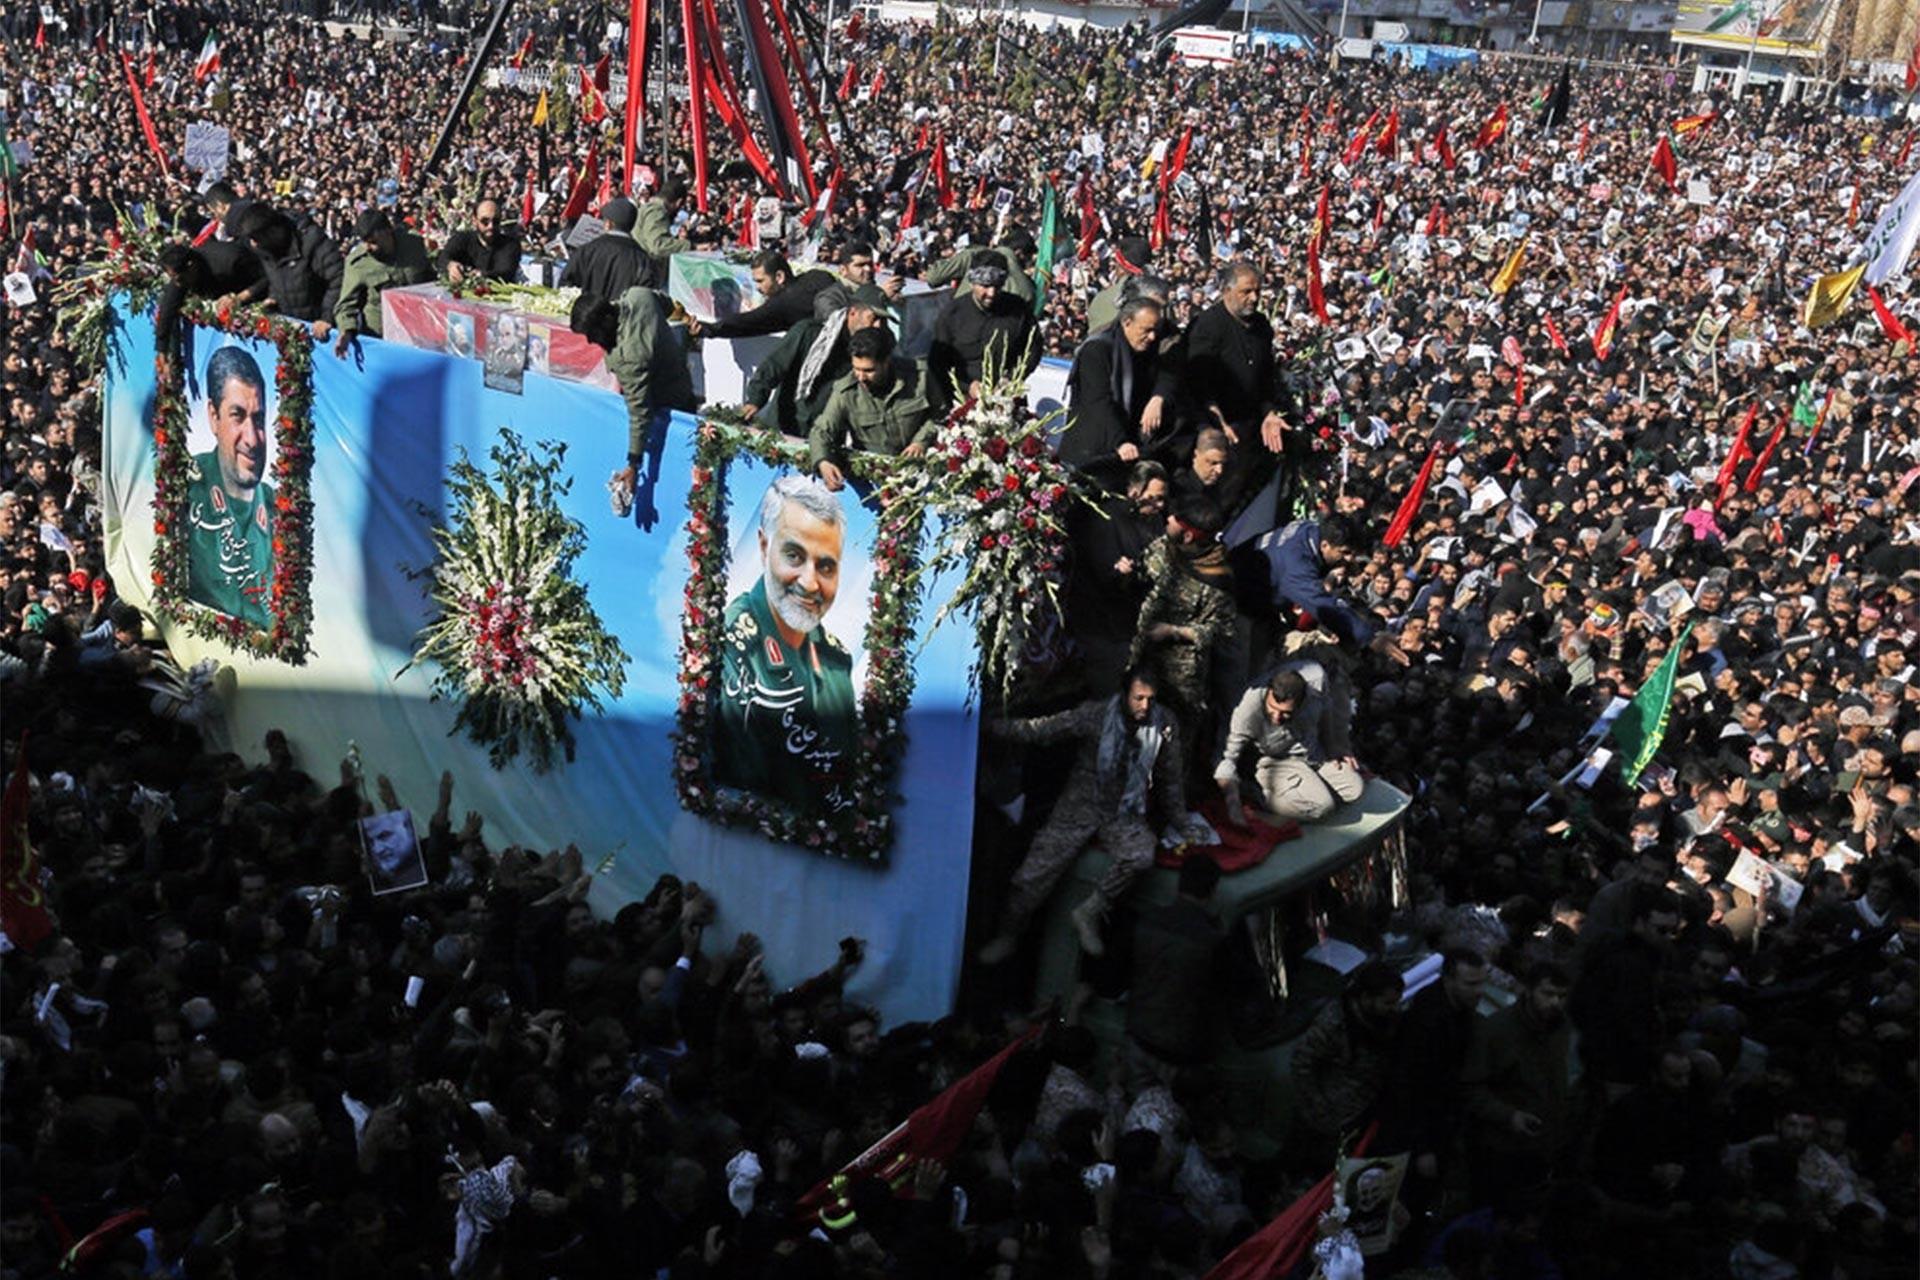 Kasım Süleymani için Kirman'da düzenlenen cenaze töreni için toplanan kalabalık